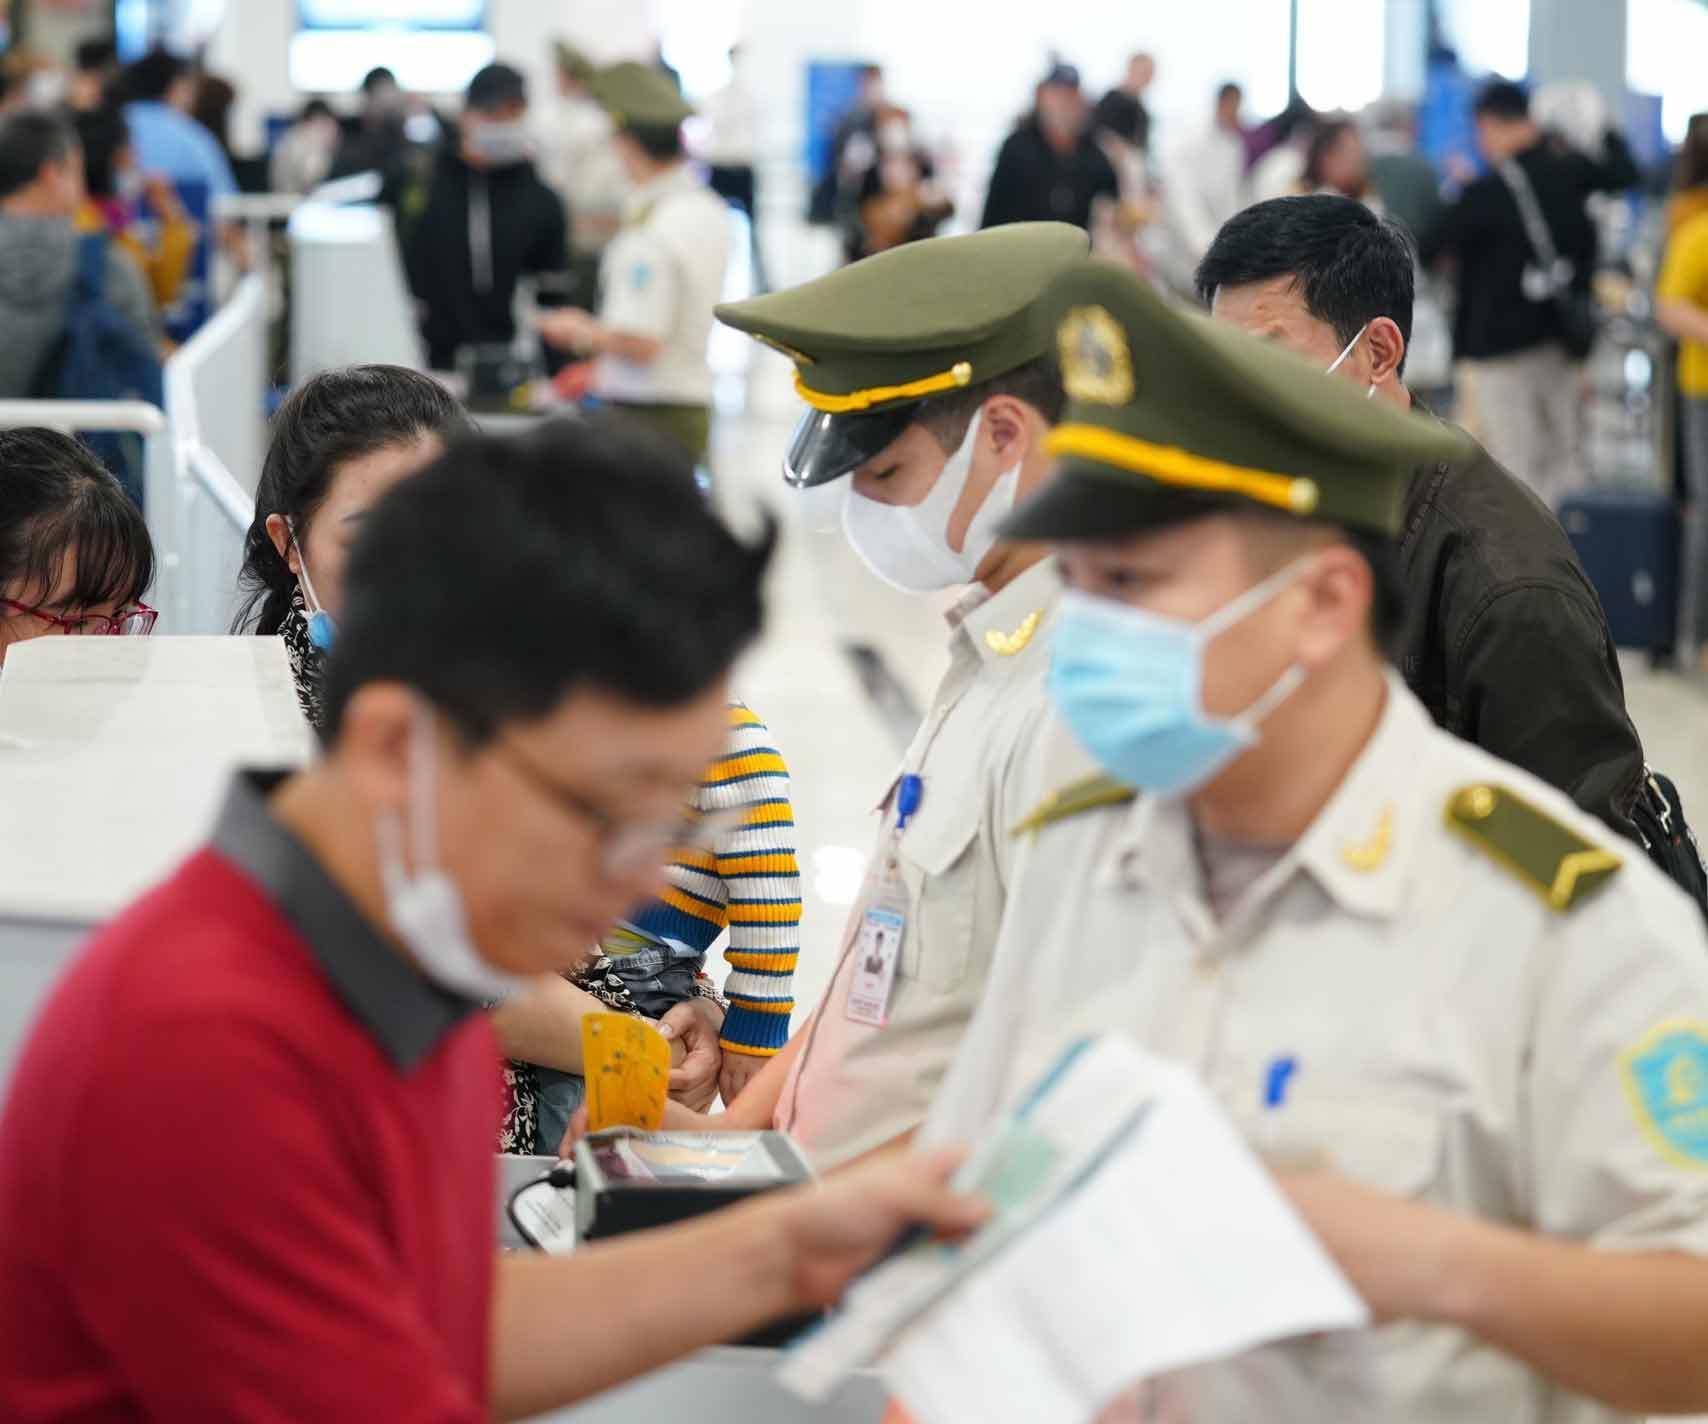 Lỗ hổng kiểm soát dịch virus corona từ các chuyến bay quốc nội? Ảnh 11